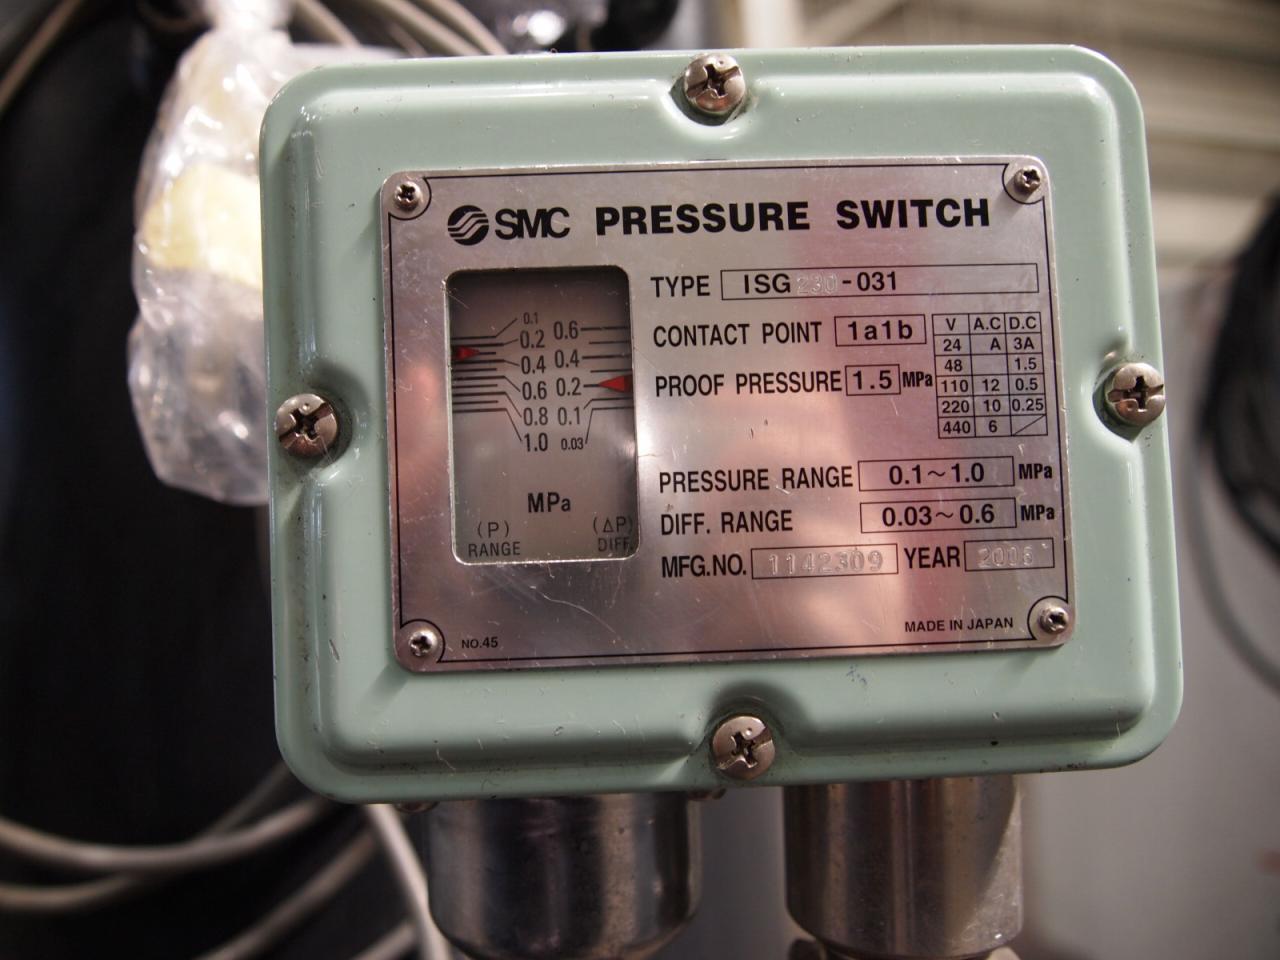 GB3748A-186付属のエアタンクの圧力スイッチ銘板